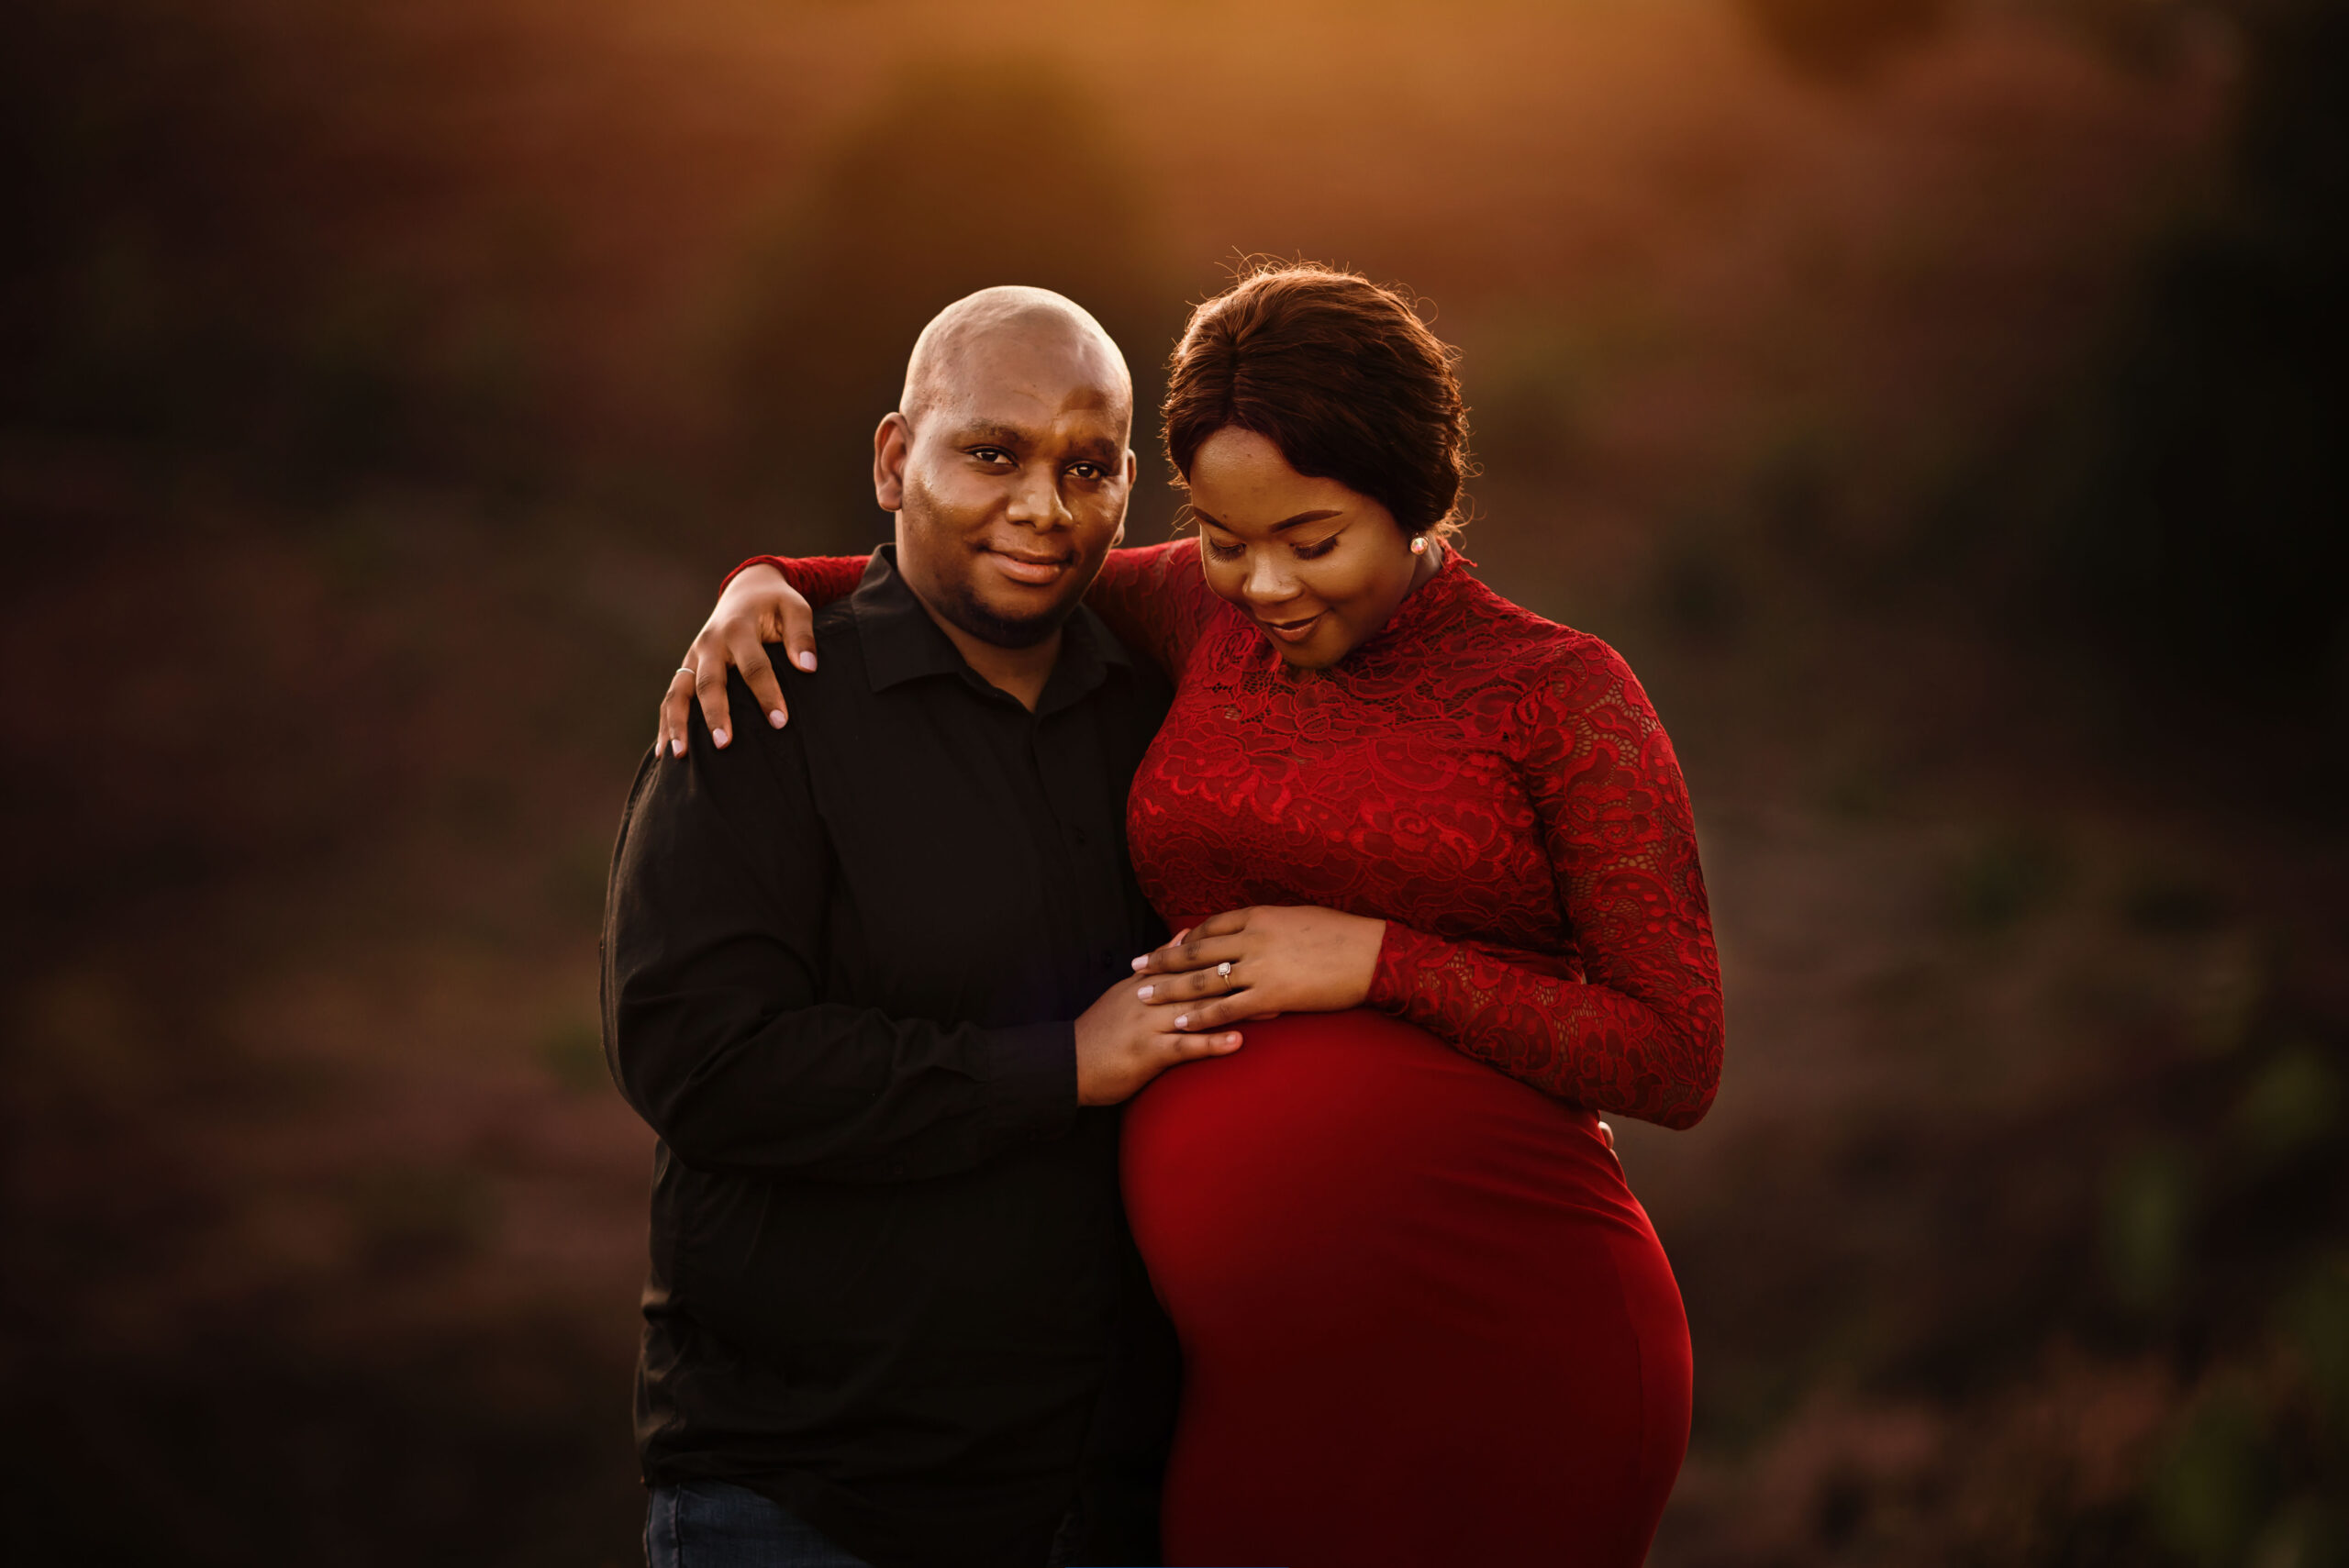 Maternity photo shoot Arnhem